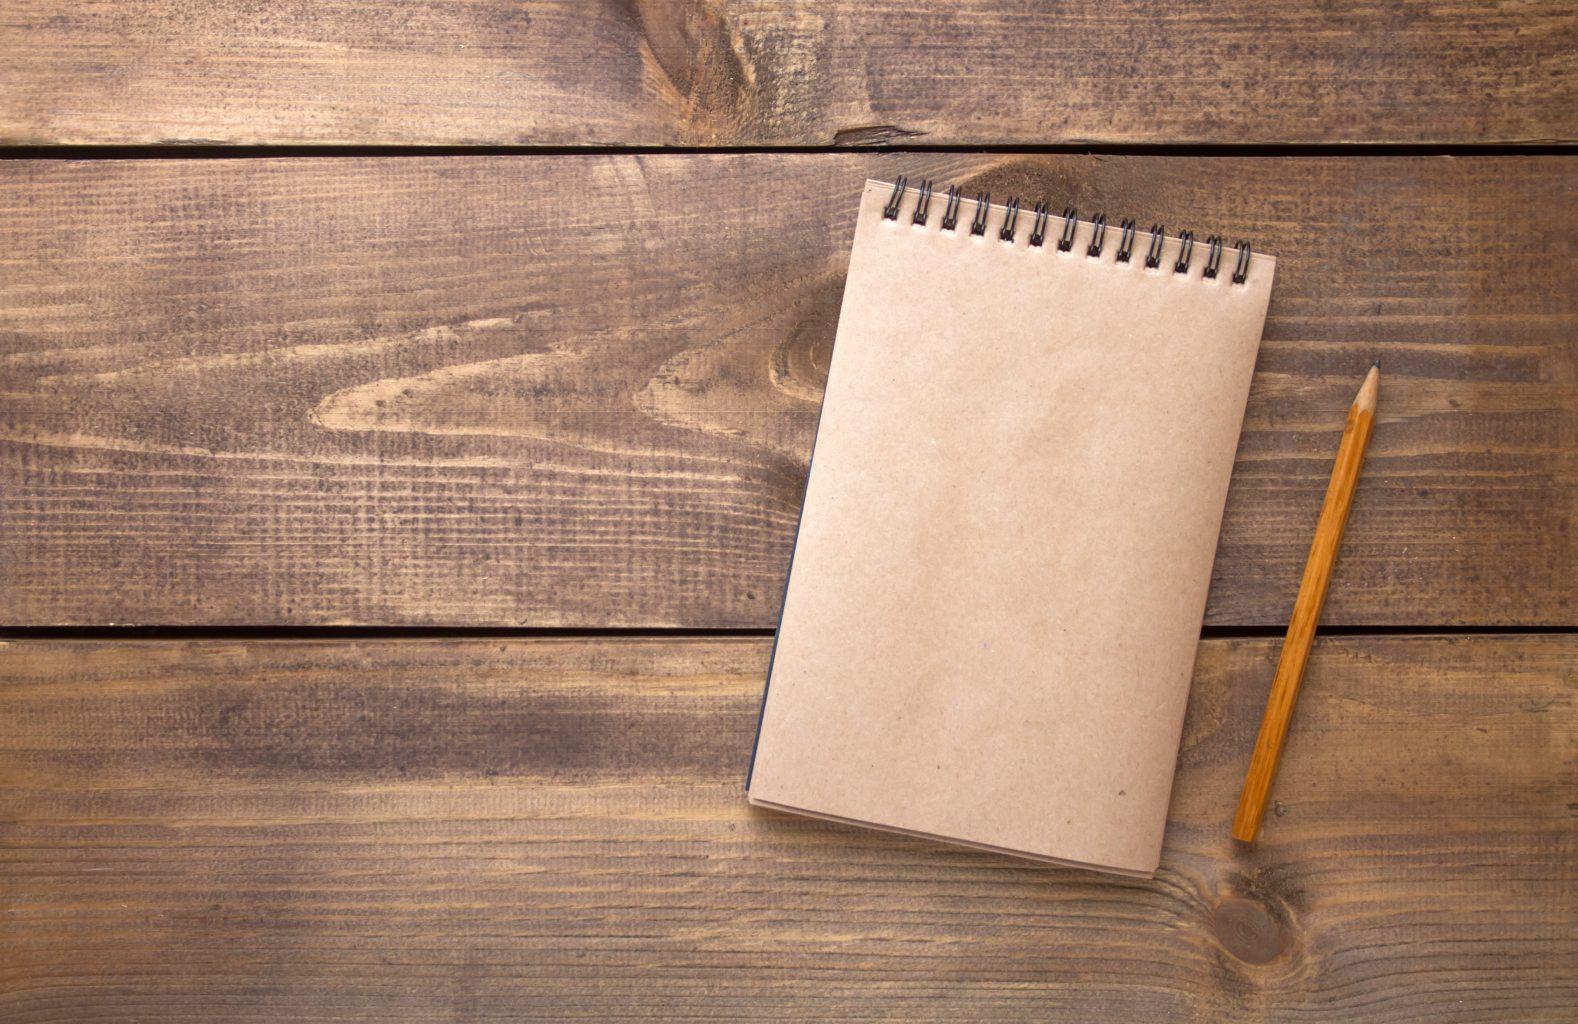 Paper-Pencil-Methode Stift und Blog auf Holztisch